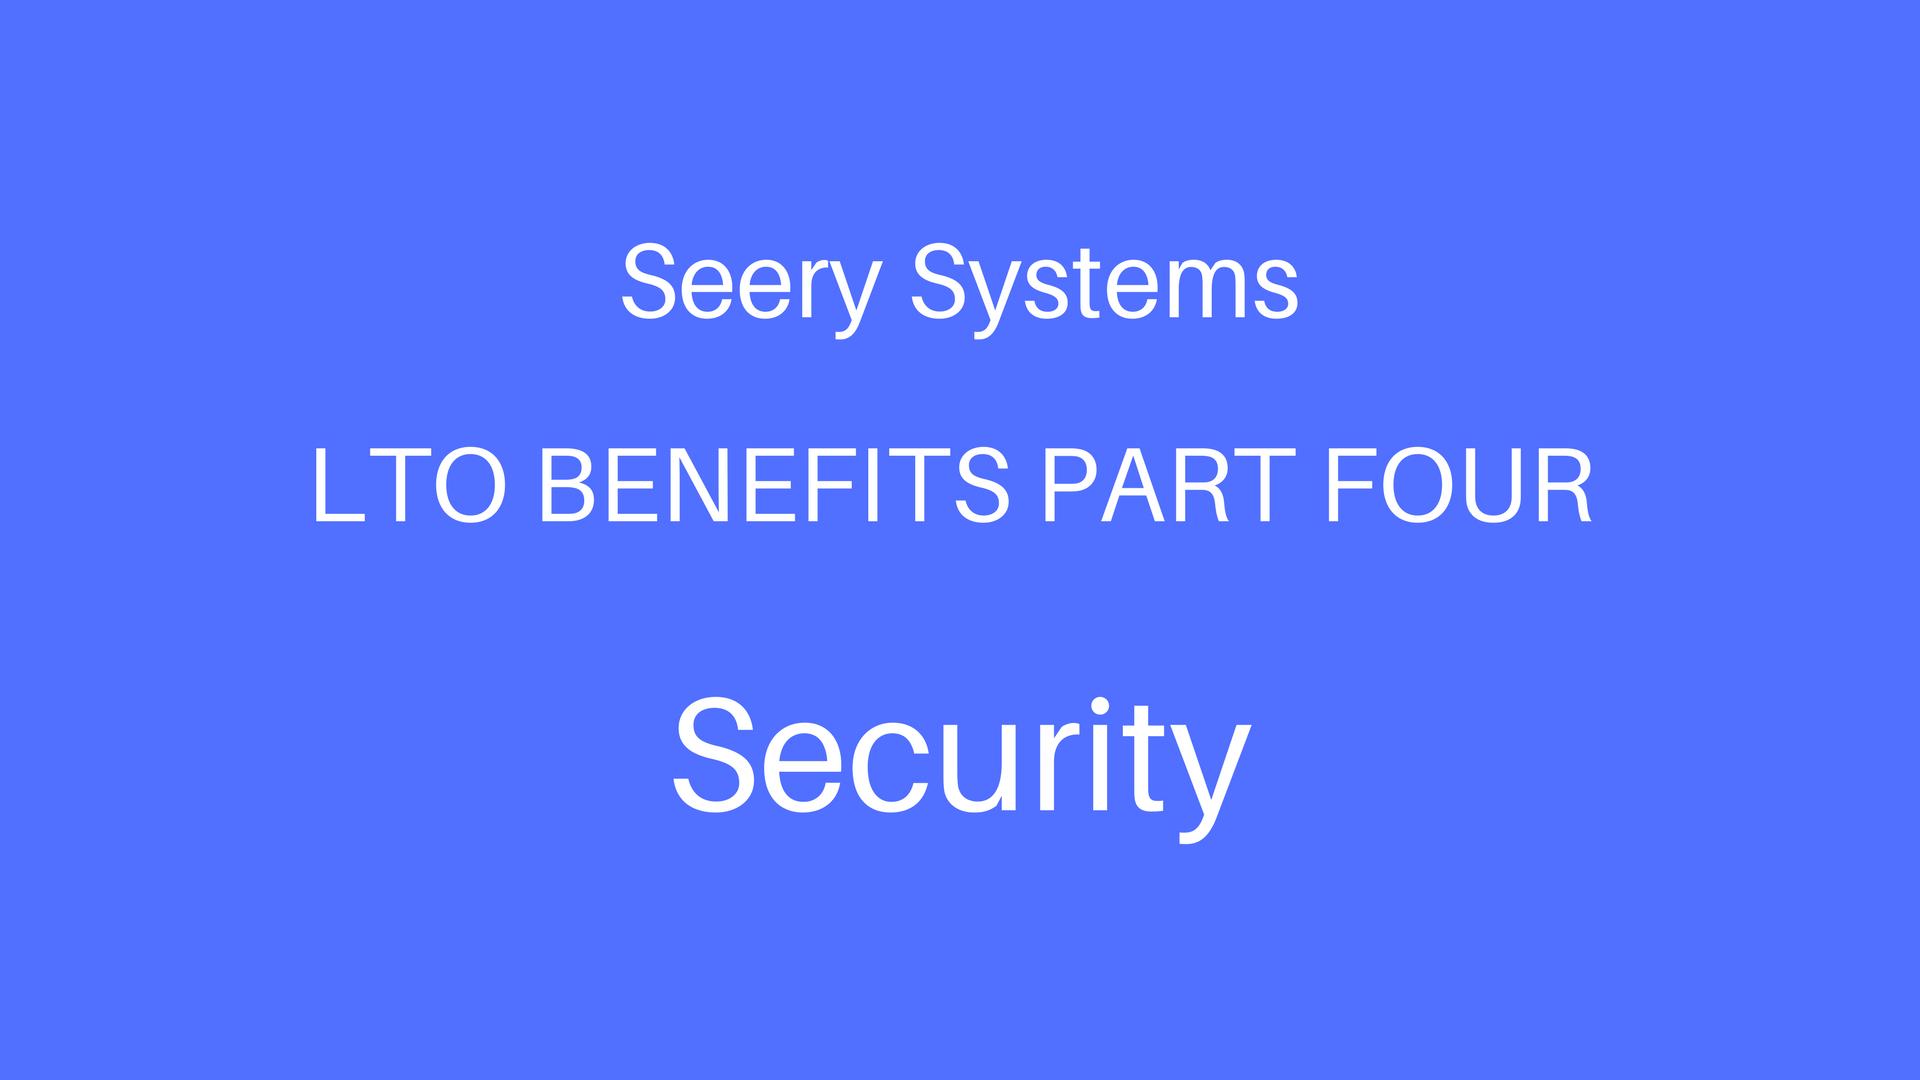 LTO Benefits Part 4 - Security